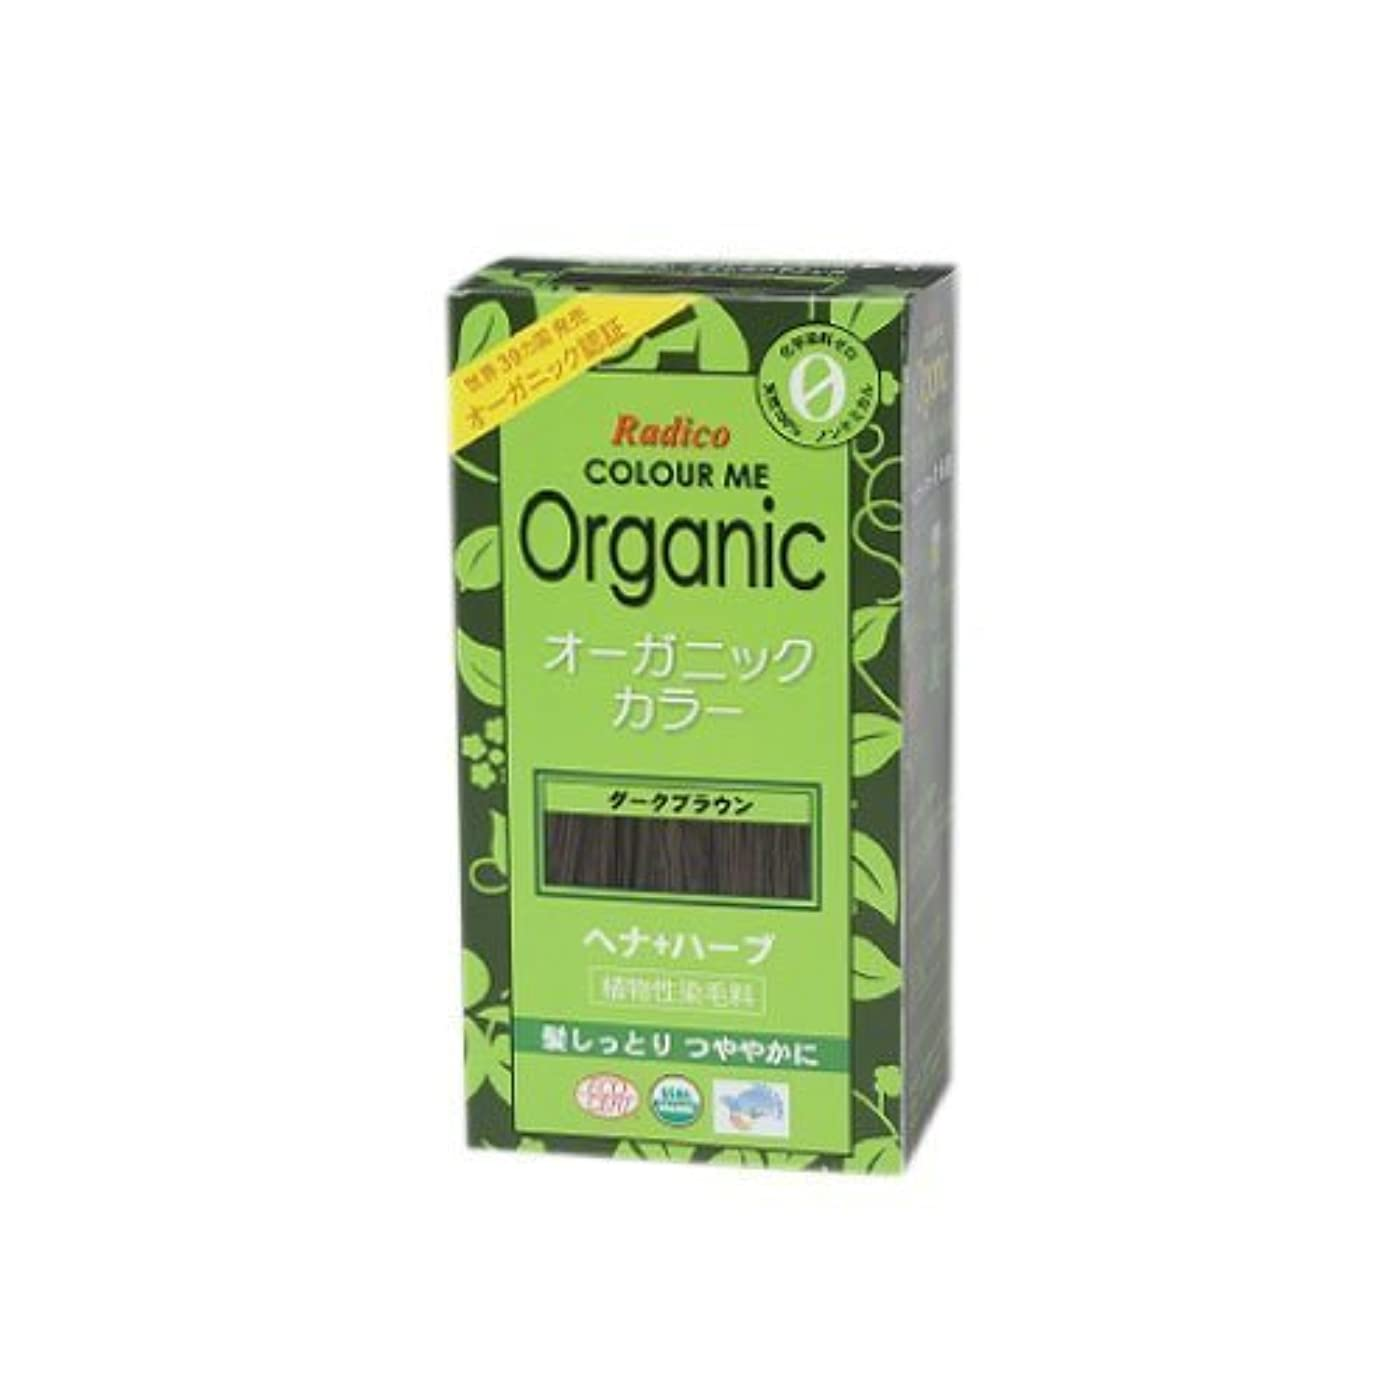 スローガンアラブ興奮COLOURME Organic (カラーミーオーガニック ヘナ 白髪用) ダークブラウン 100g